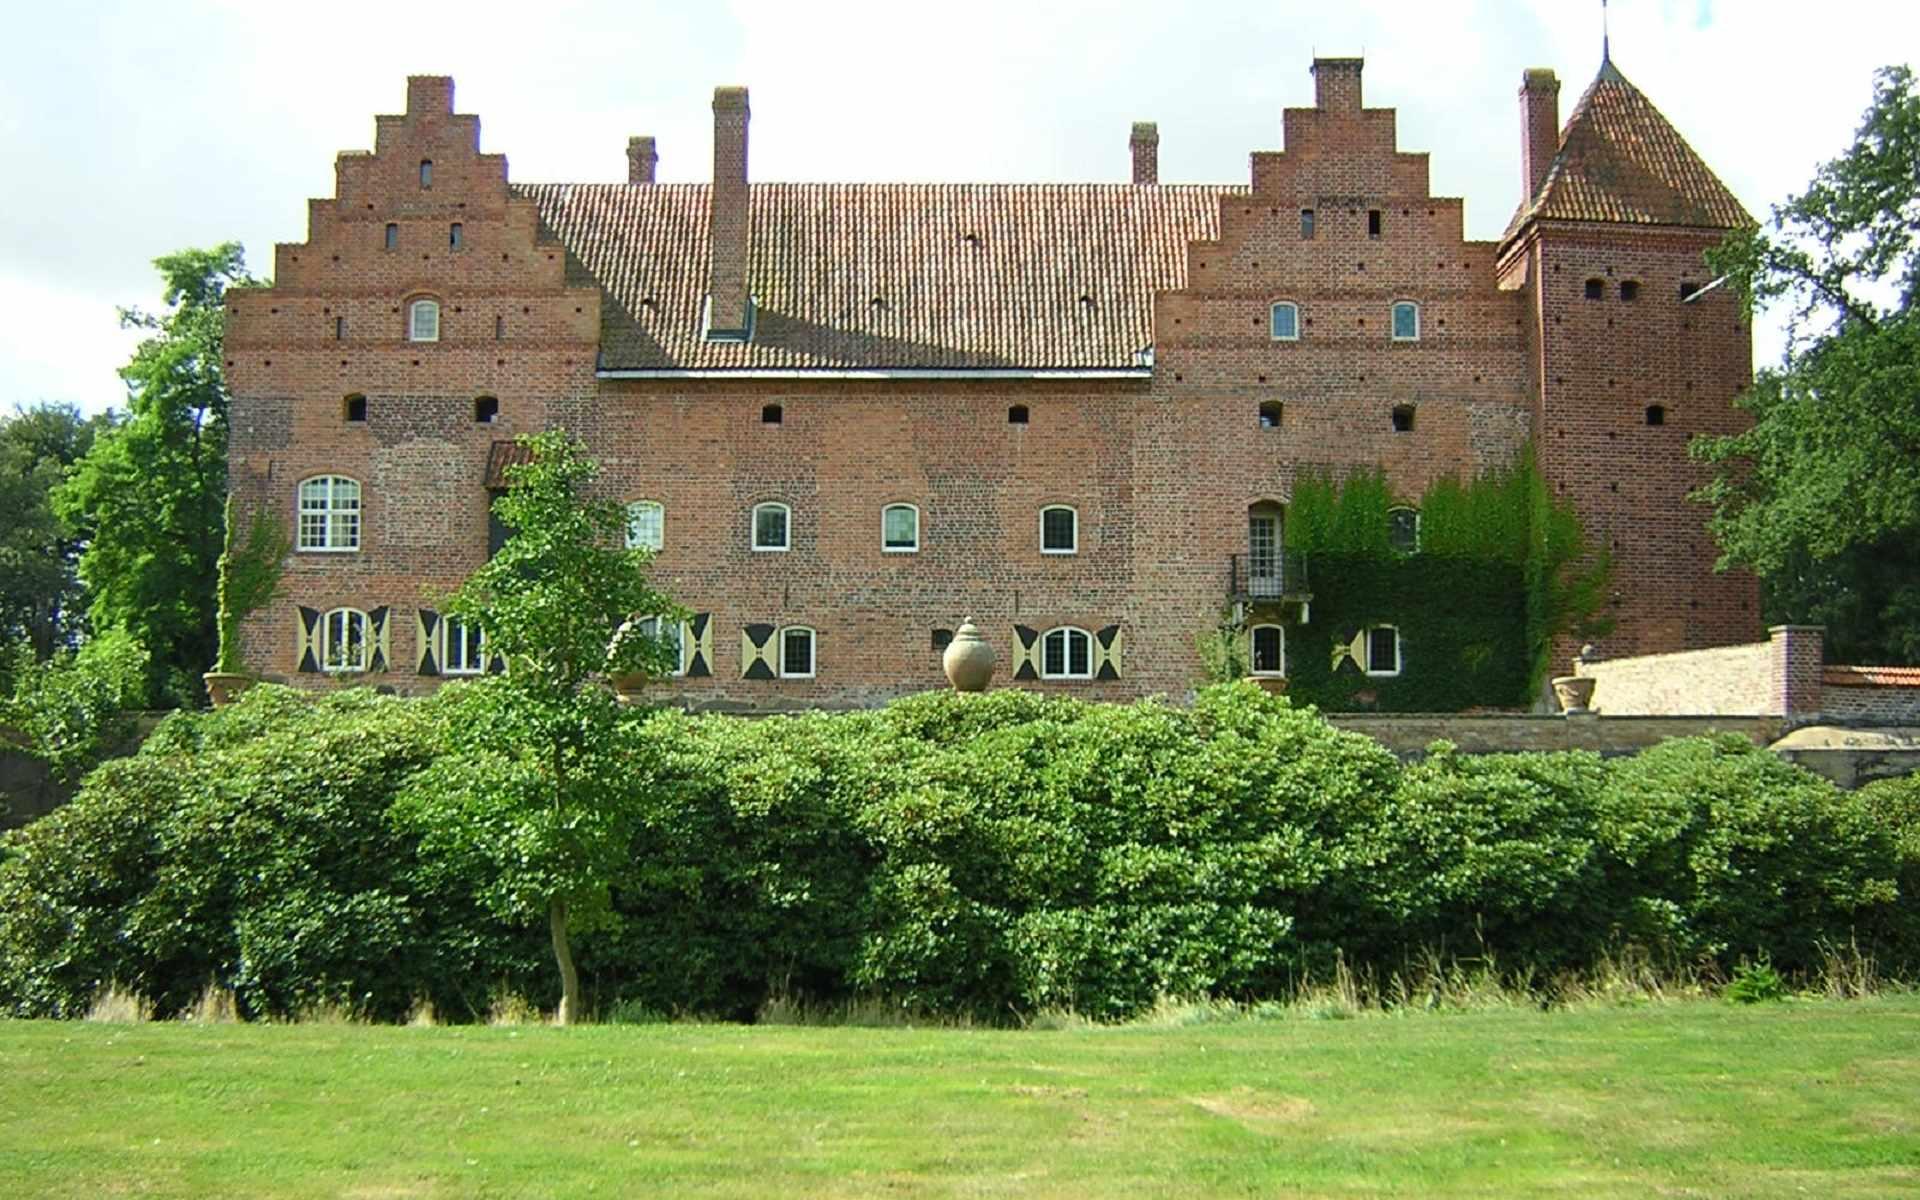 Visning av Vegeholms slott 2017